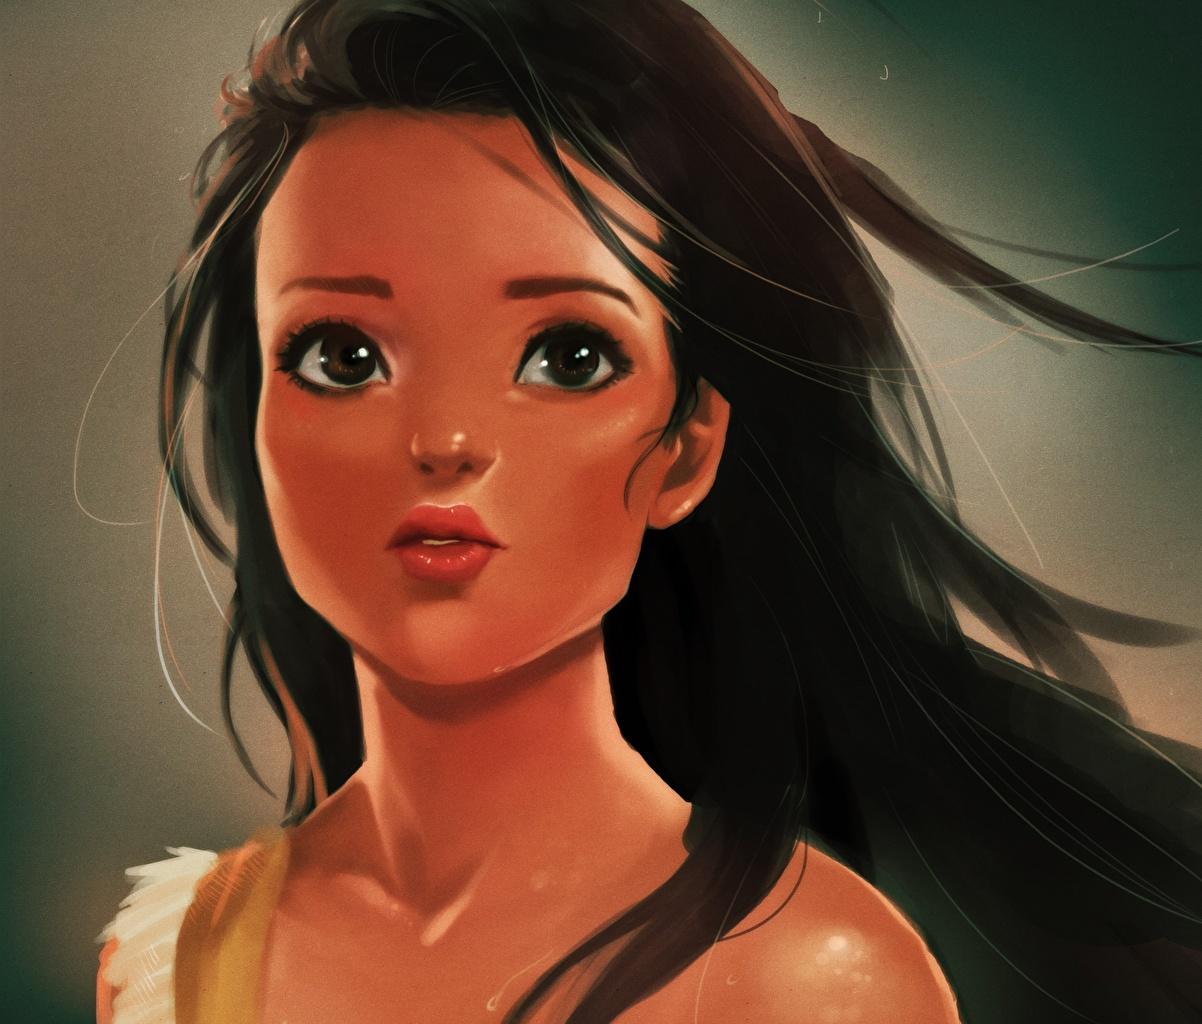 Fonds D Ecran Disney Pocahontas Visage Cheveux Noirs Fille